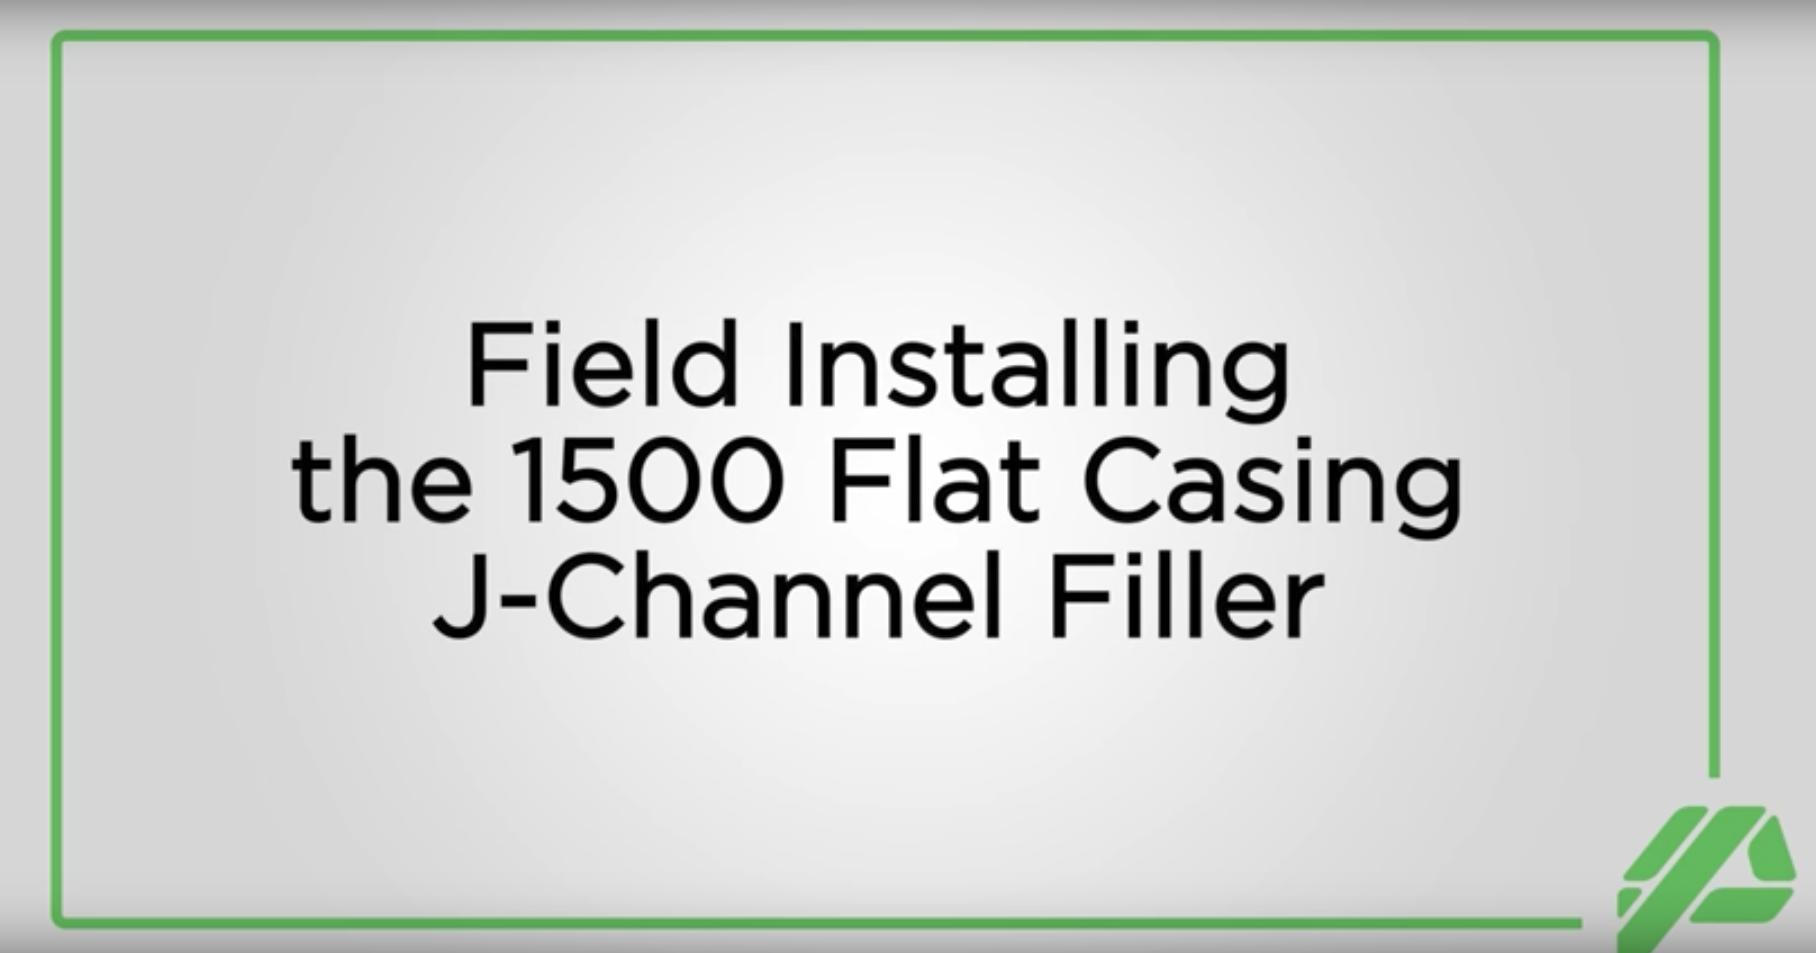 Field Installing the 1500 Flat Casing J-Channel Filler